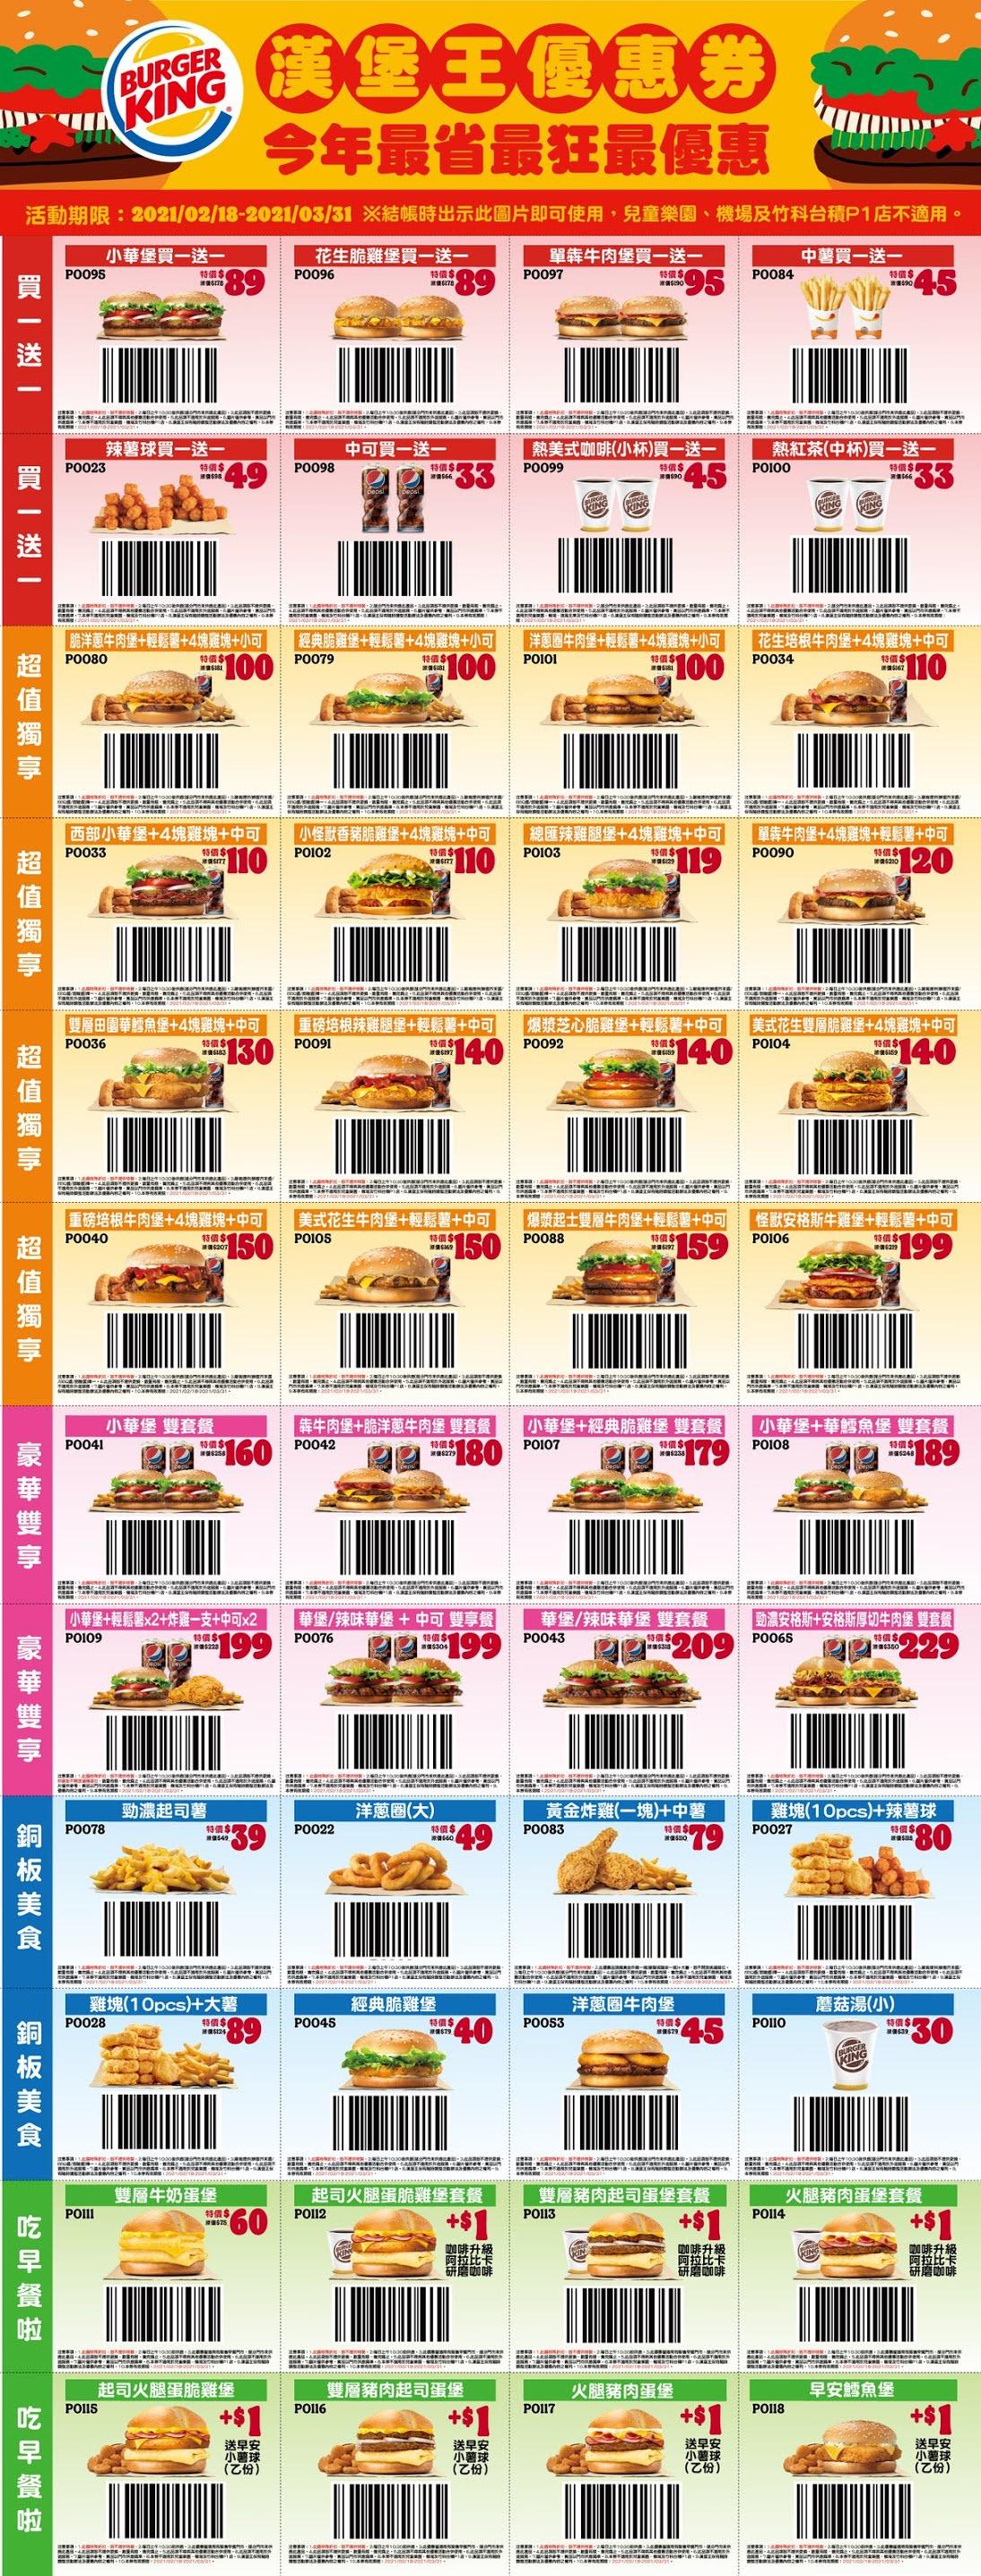 【漢堡王】3月優惠券,買一送一